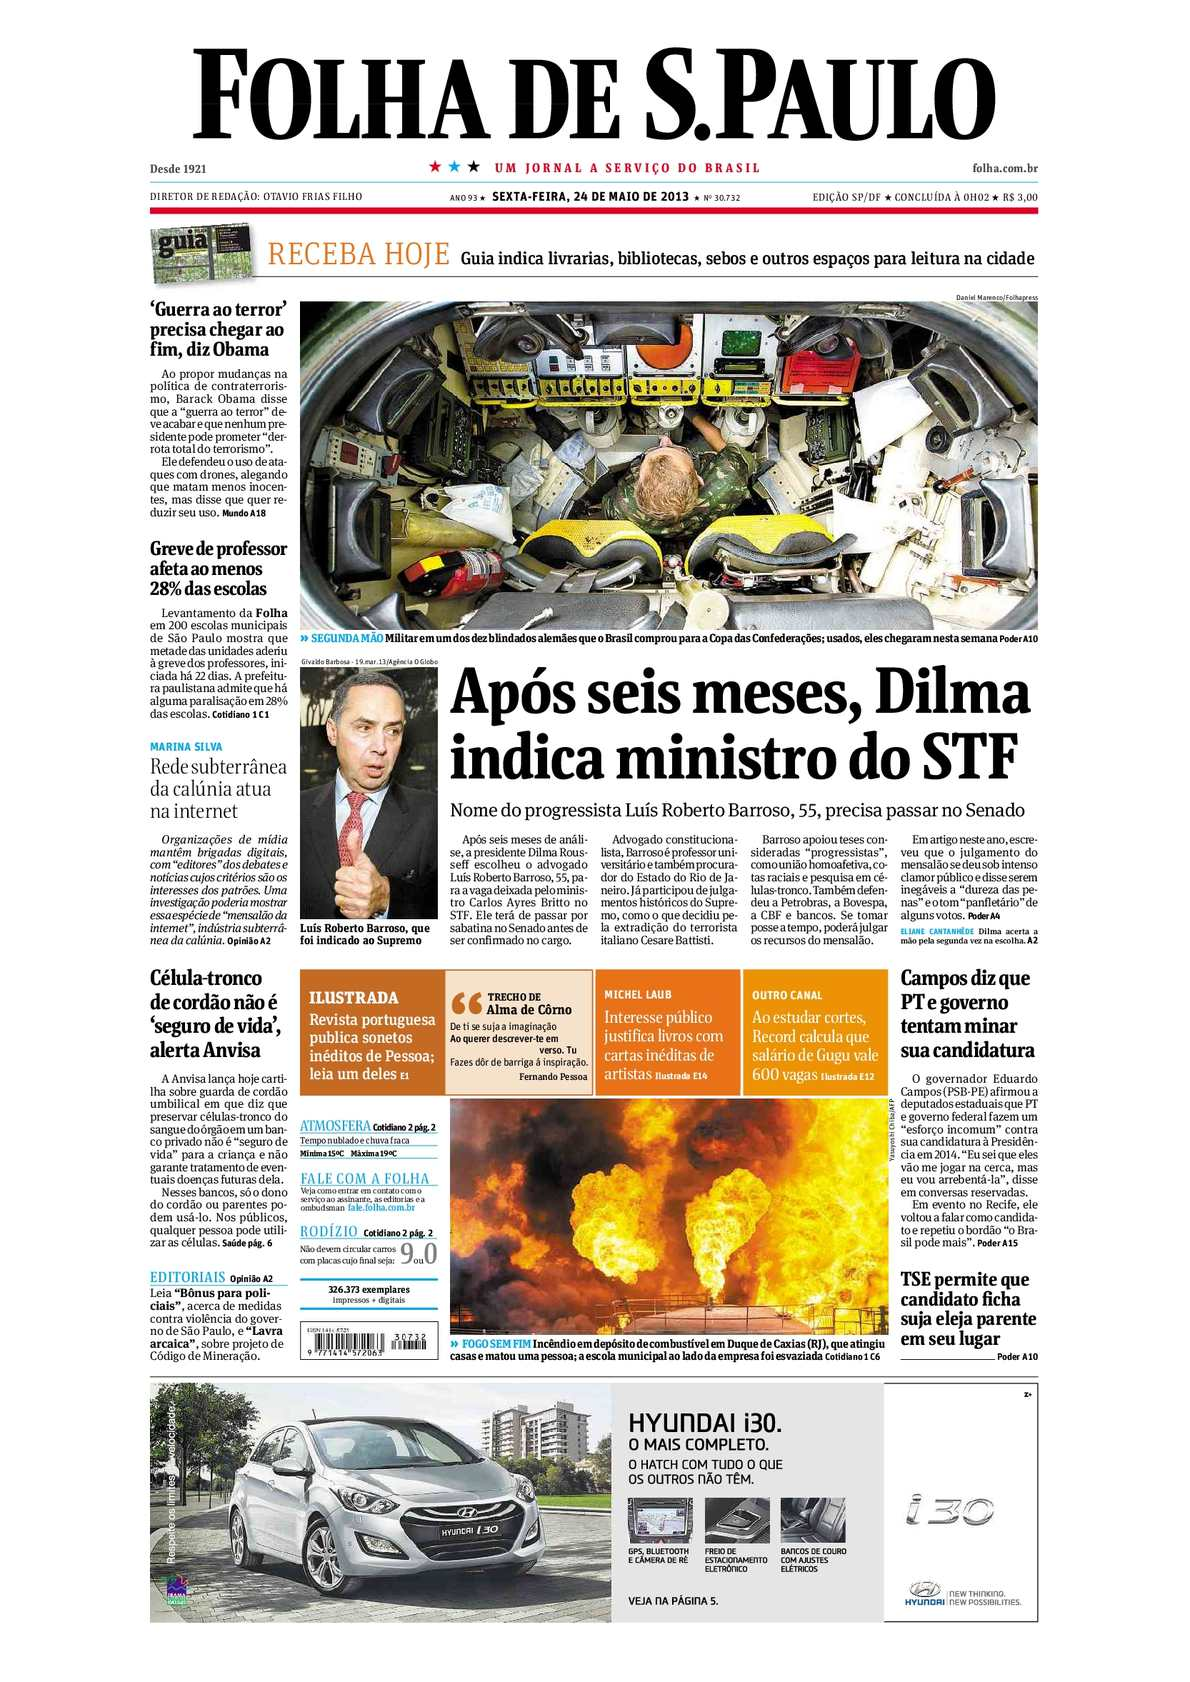 9098e2d81b5 Calaméo - Folha de São Paulo 24-05-2013